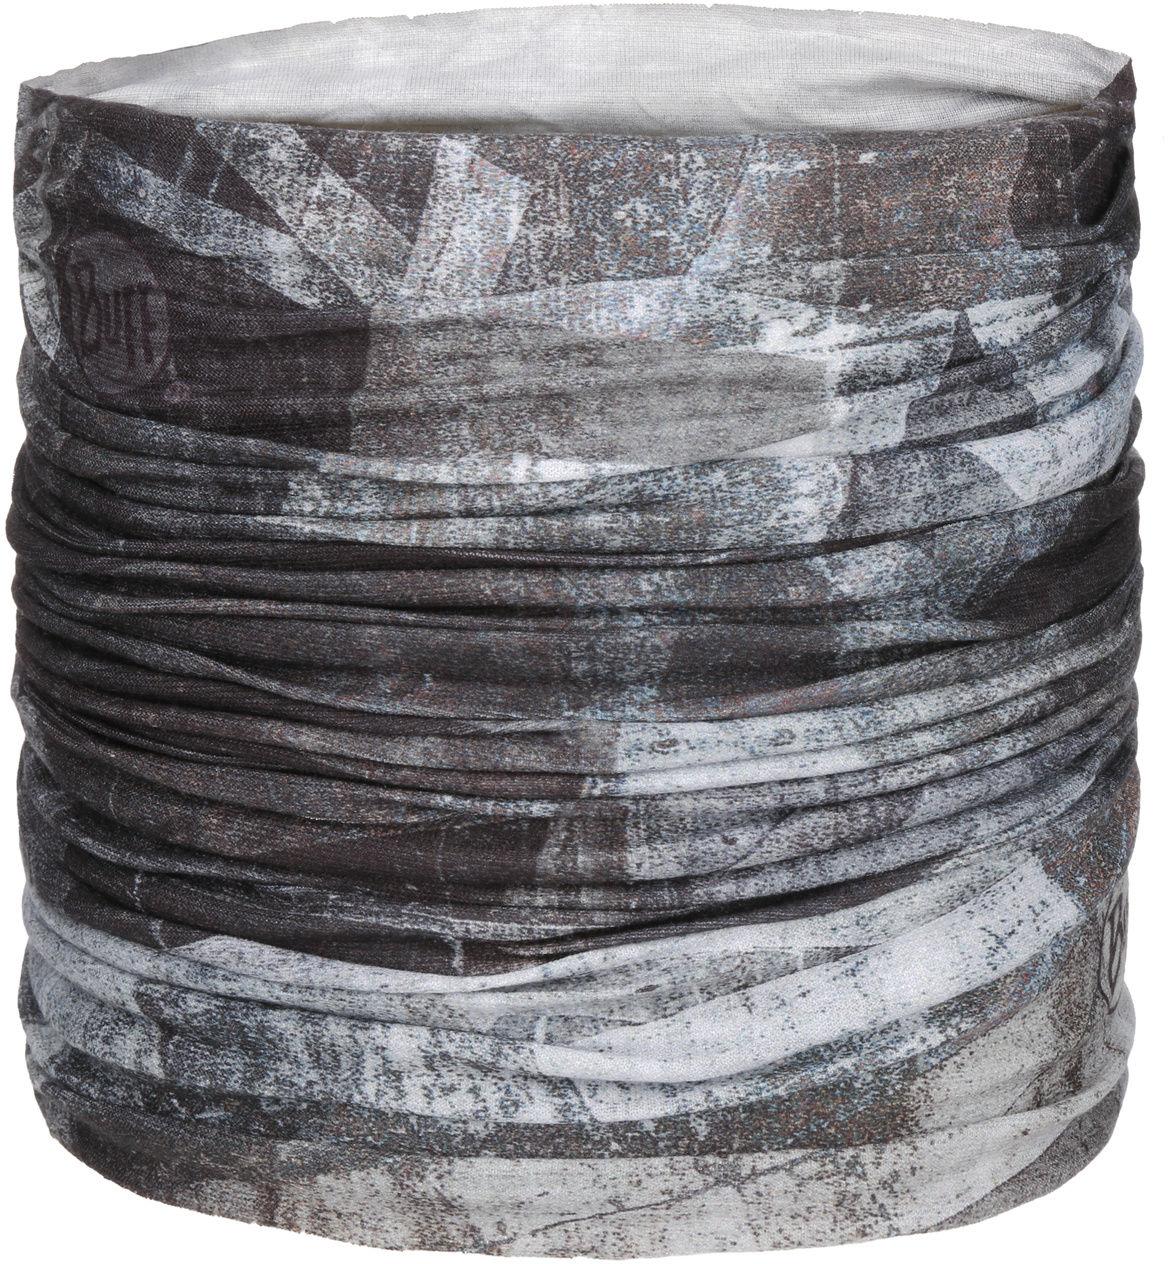 Chustka Wielozadaniowa Geoline Grey by BUFF, szary, One Size